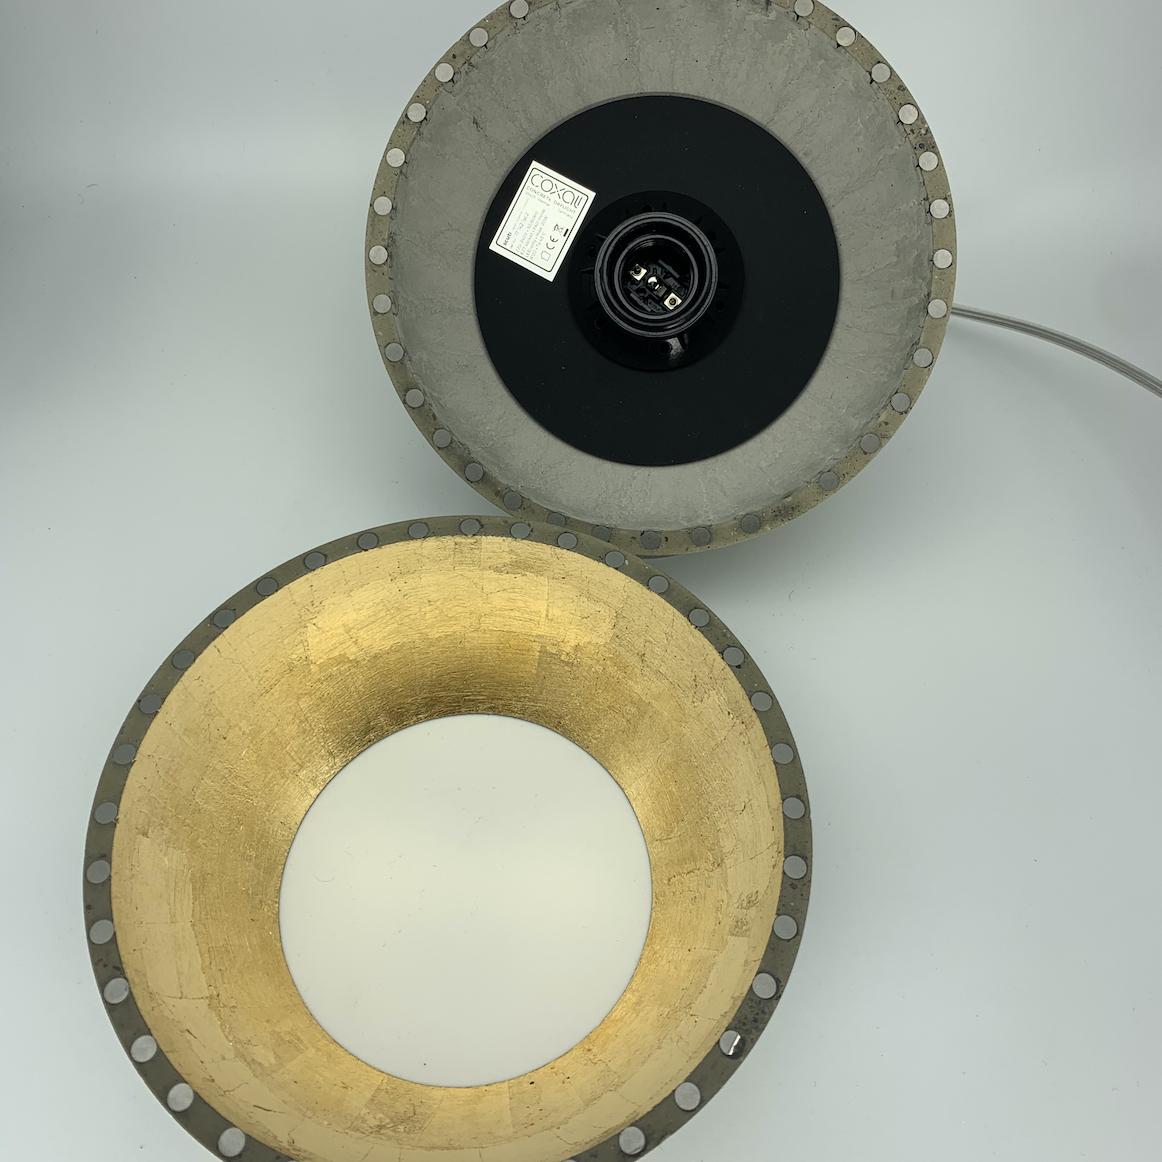 E27 Socket ・ For LED Lıght Source